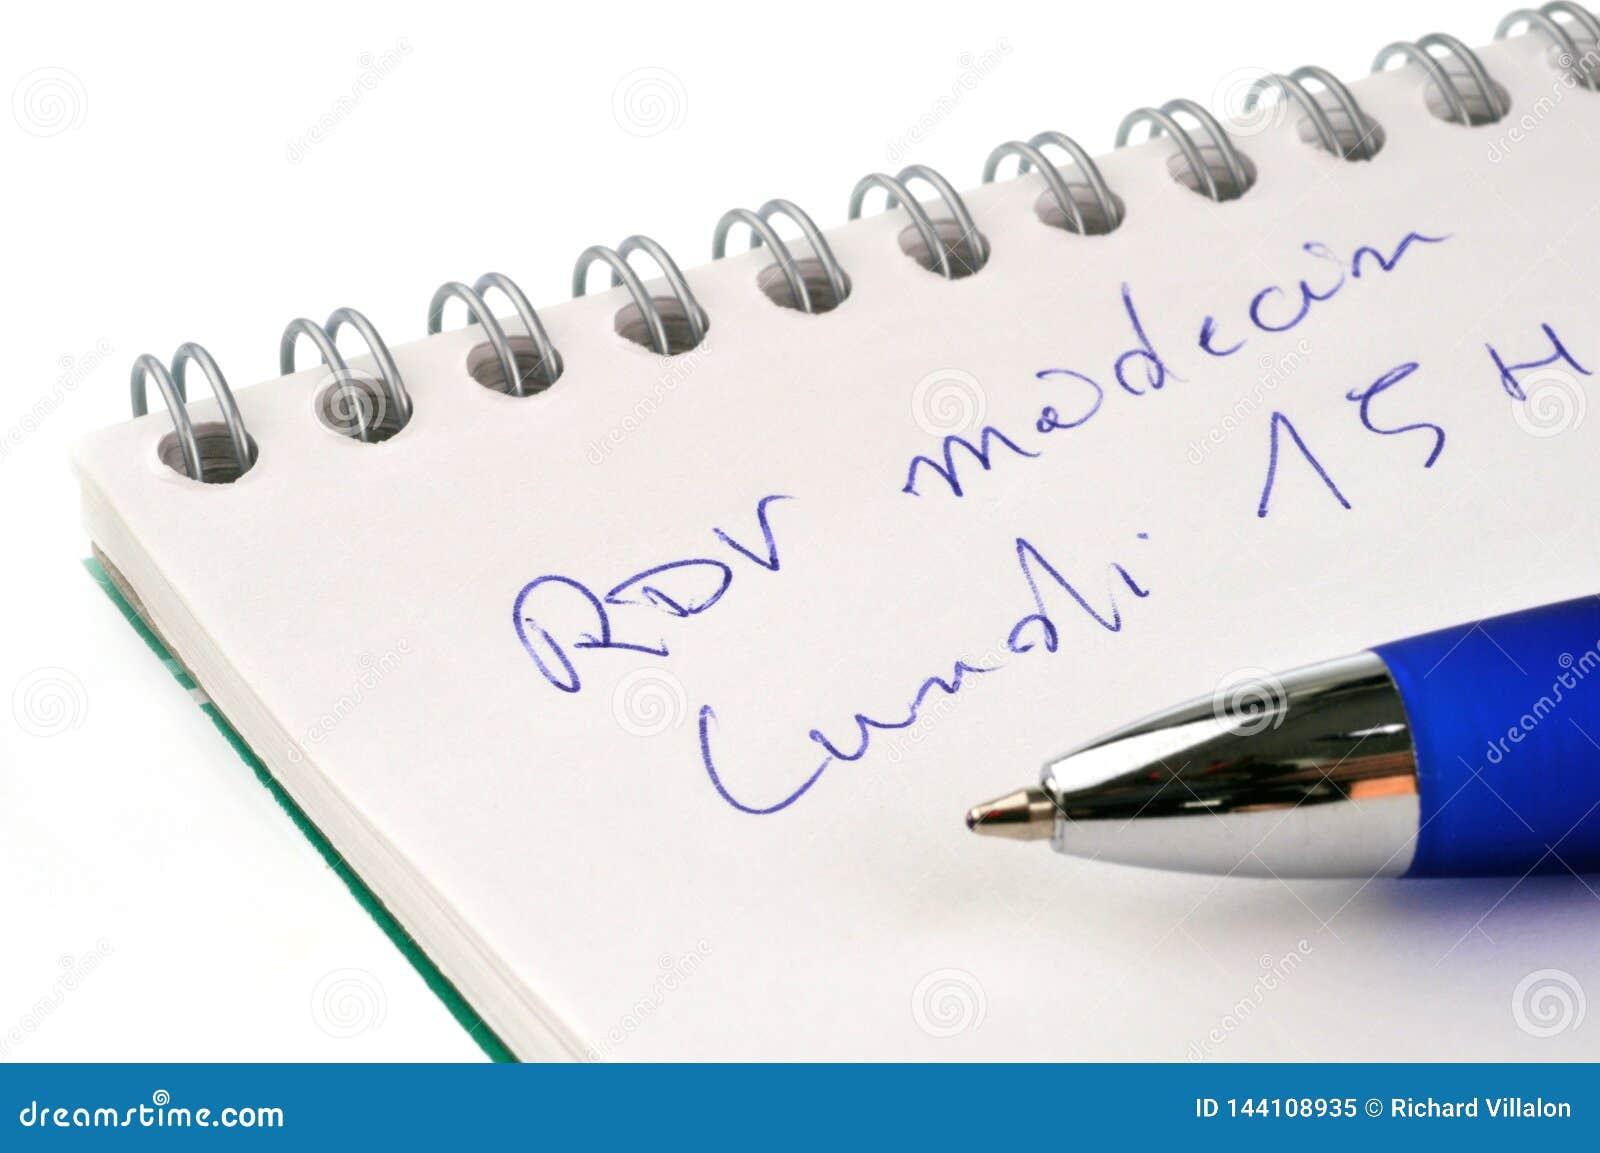 Appuntamento al medico scritto in francese